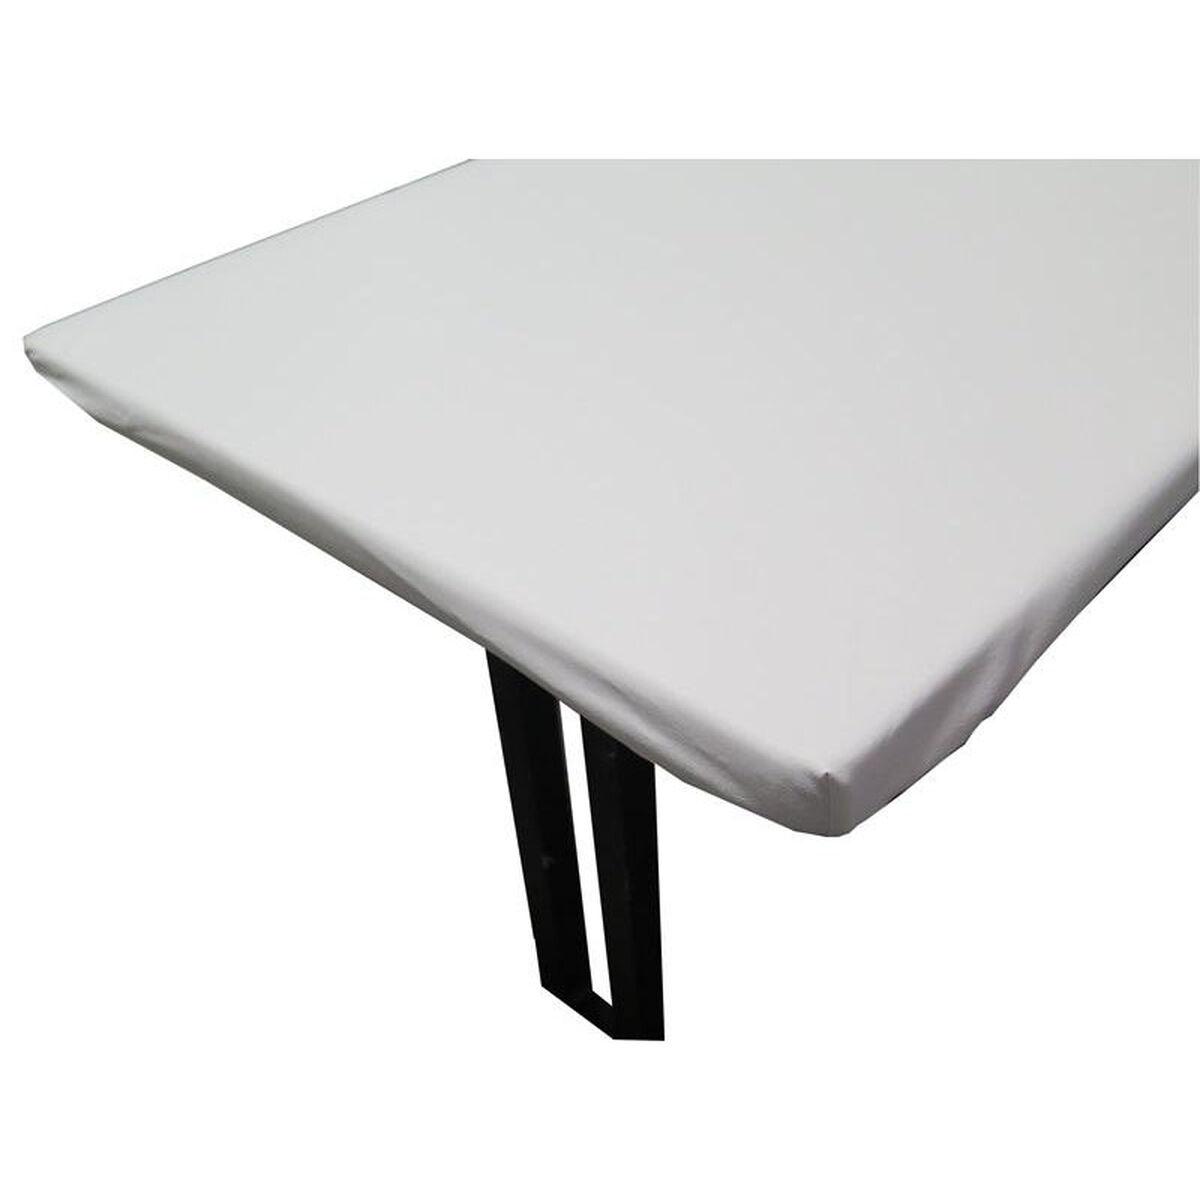 Snap drape 96 39 39 x 30 39 39 rectangular vinyl felt back table for Html table padding